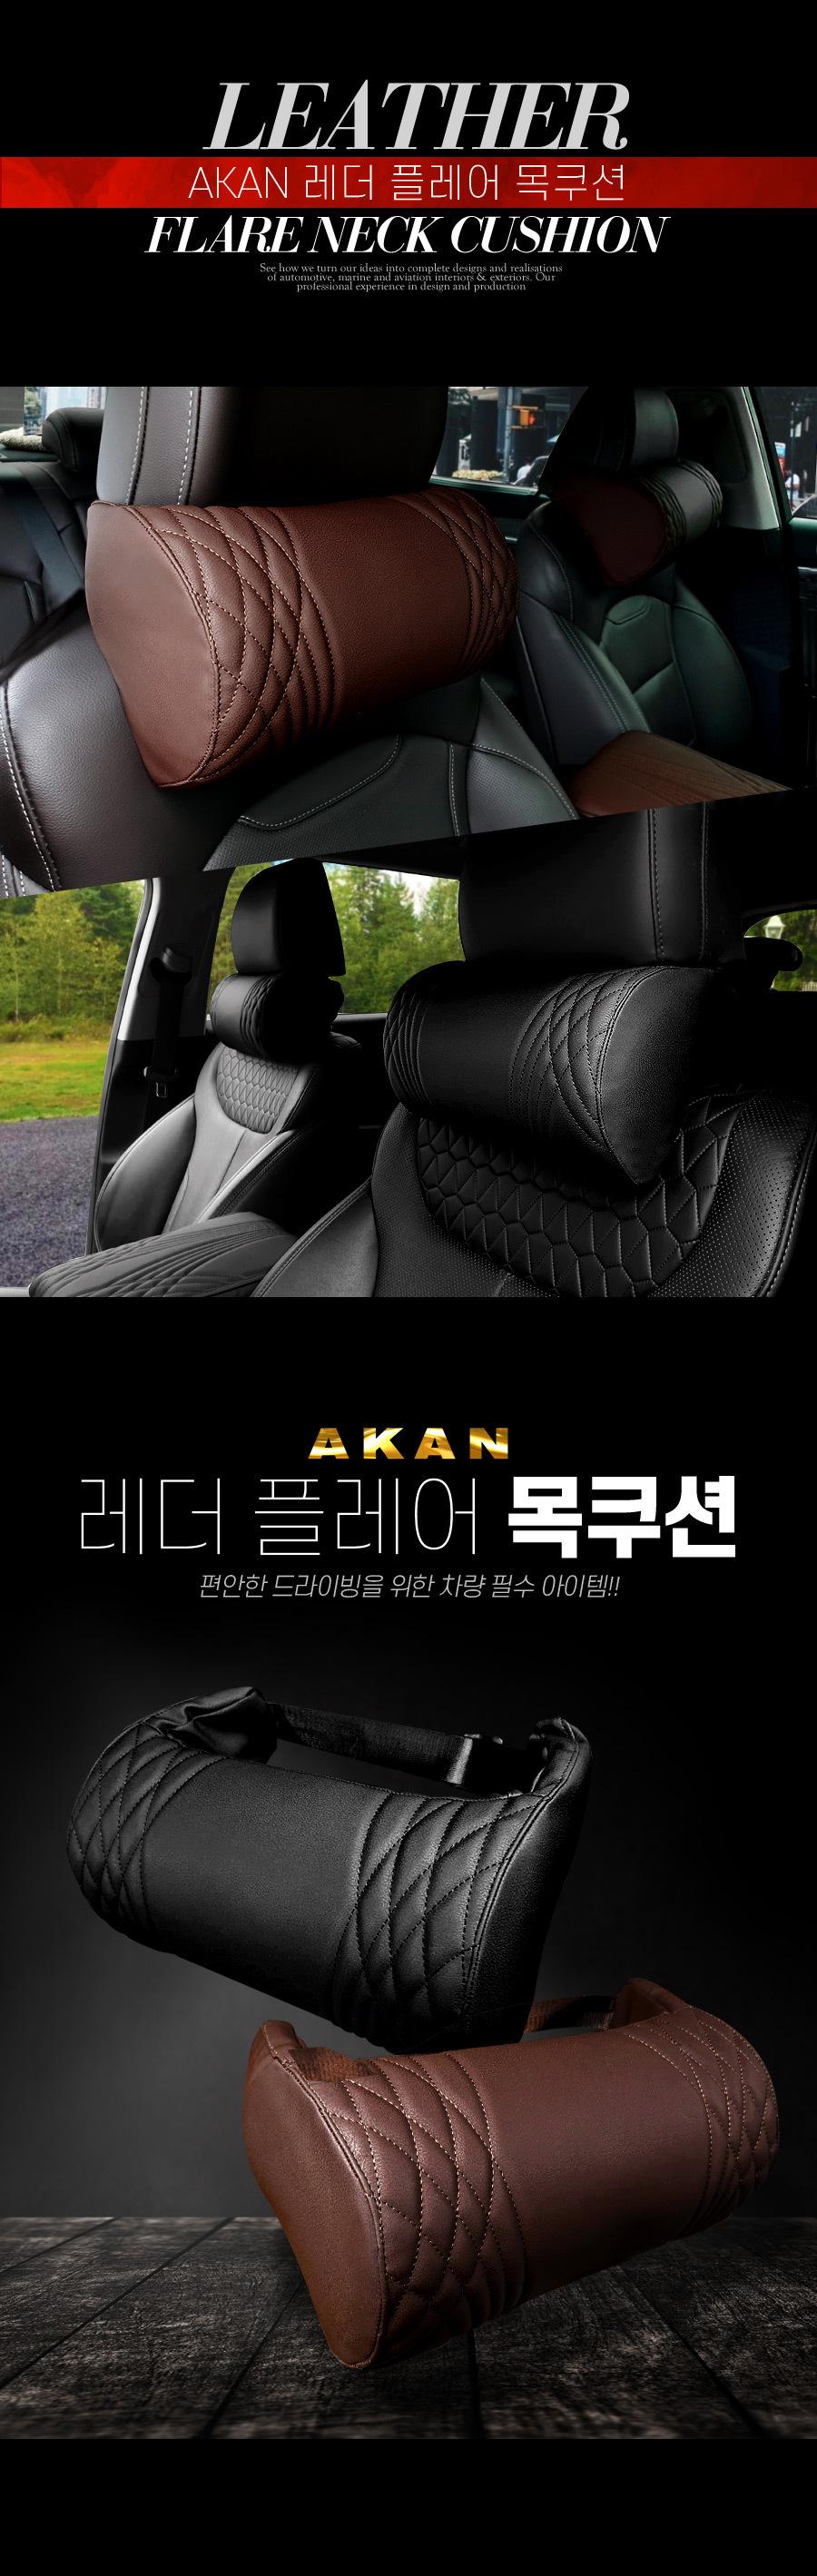 leather-flare-neck-cushion_01.jpg